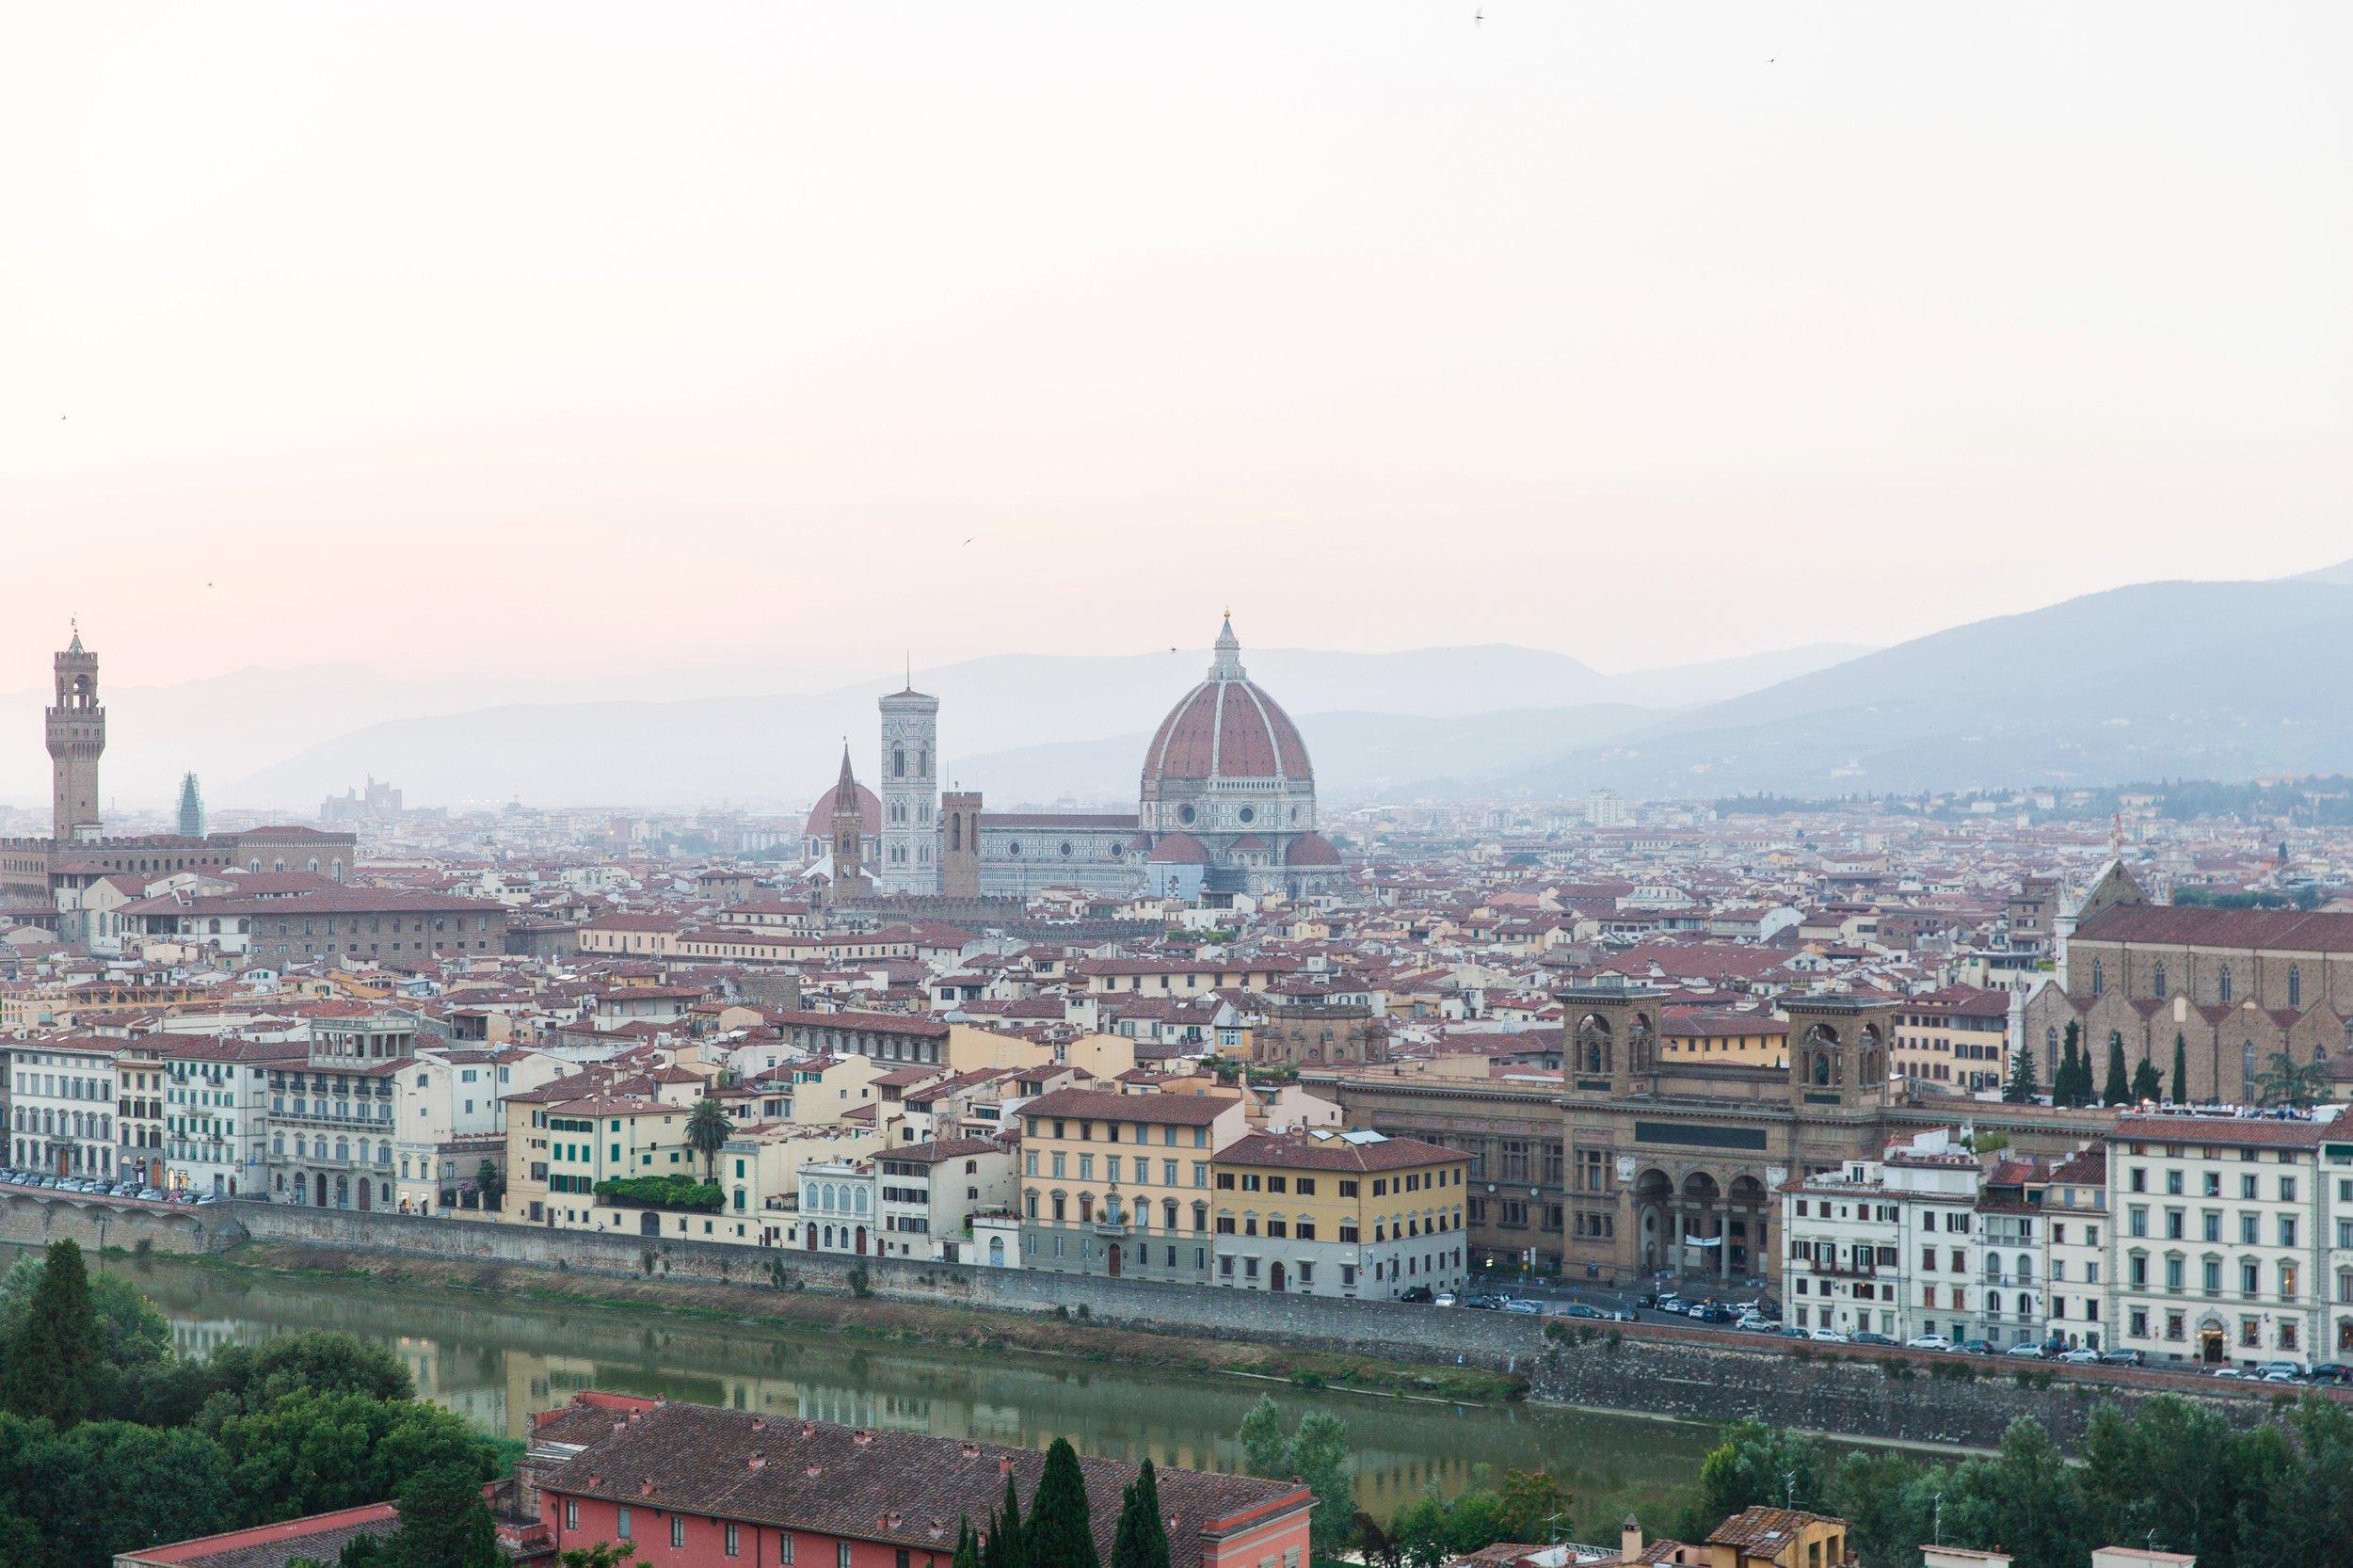 Florence_0117.jpg